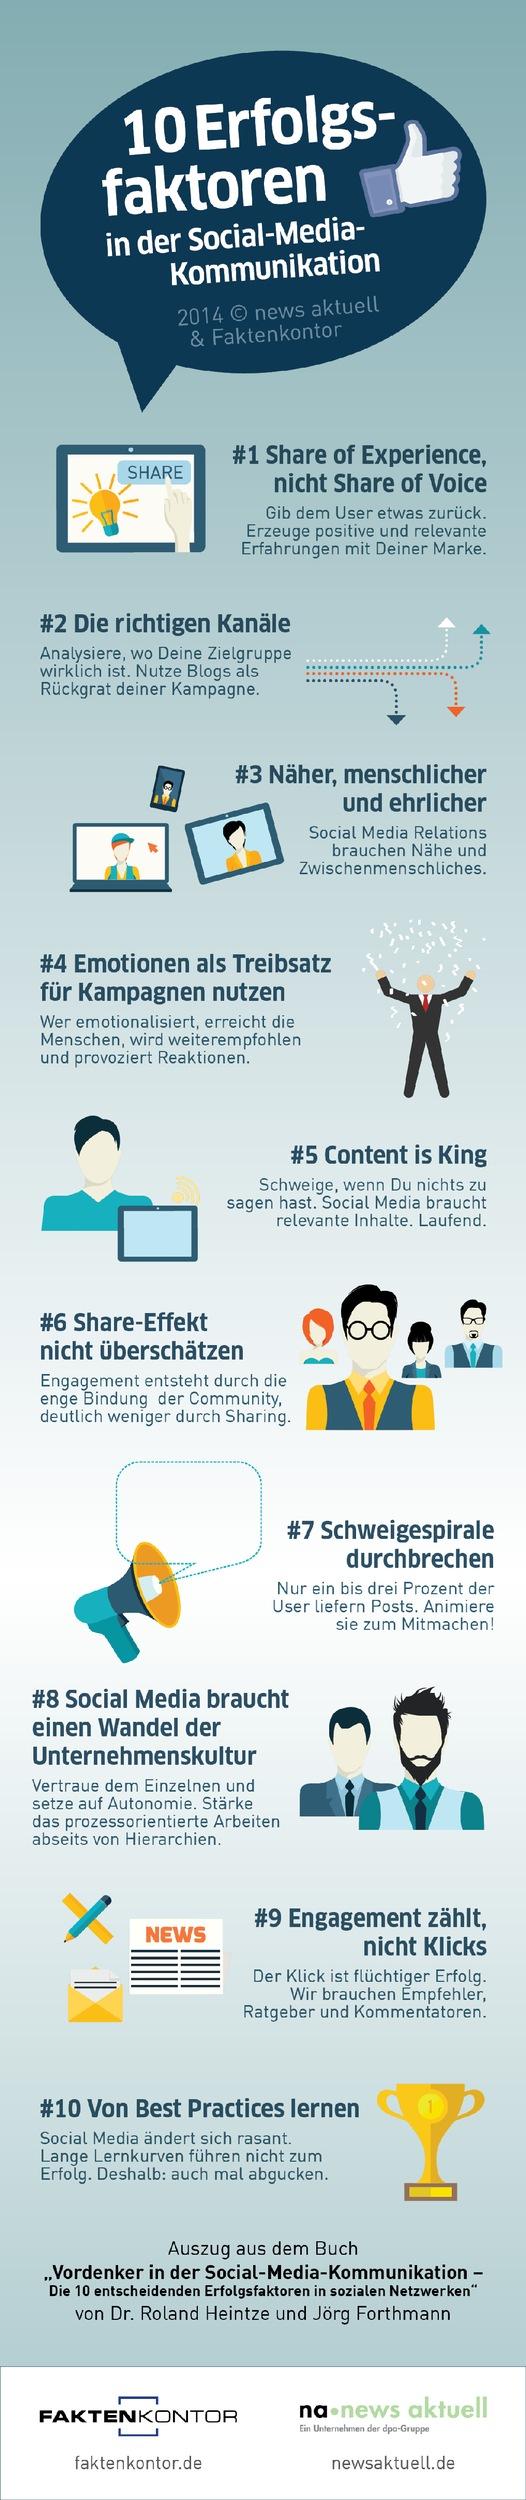 Die 10 entscheidenden Faktoren für Erfolg in Social Media